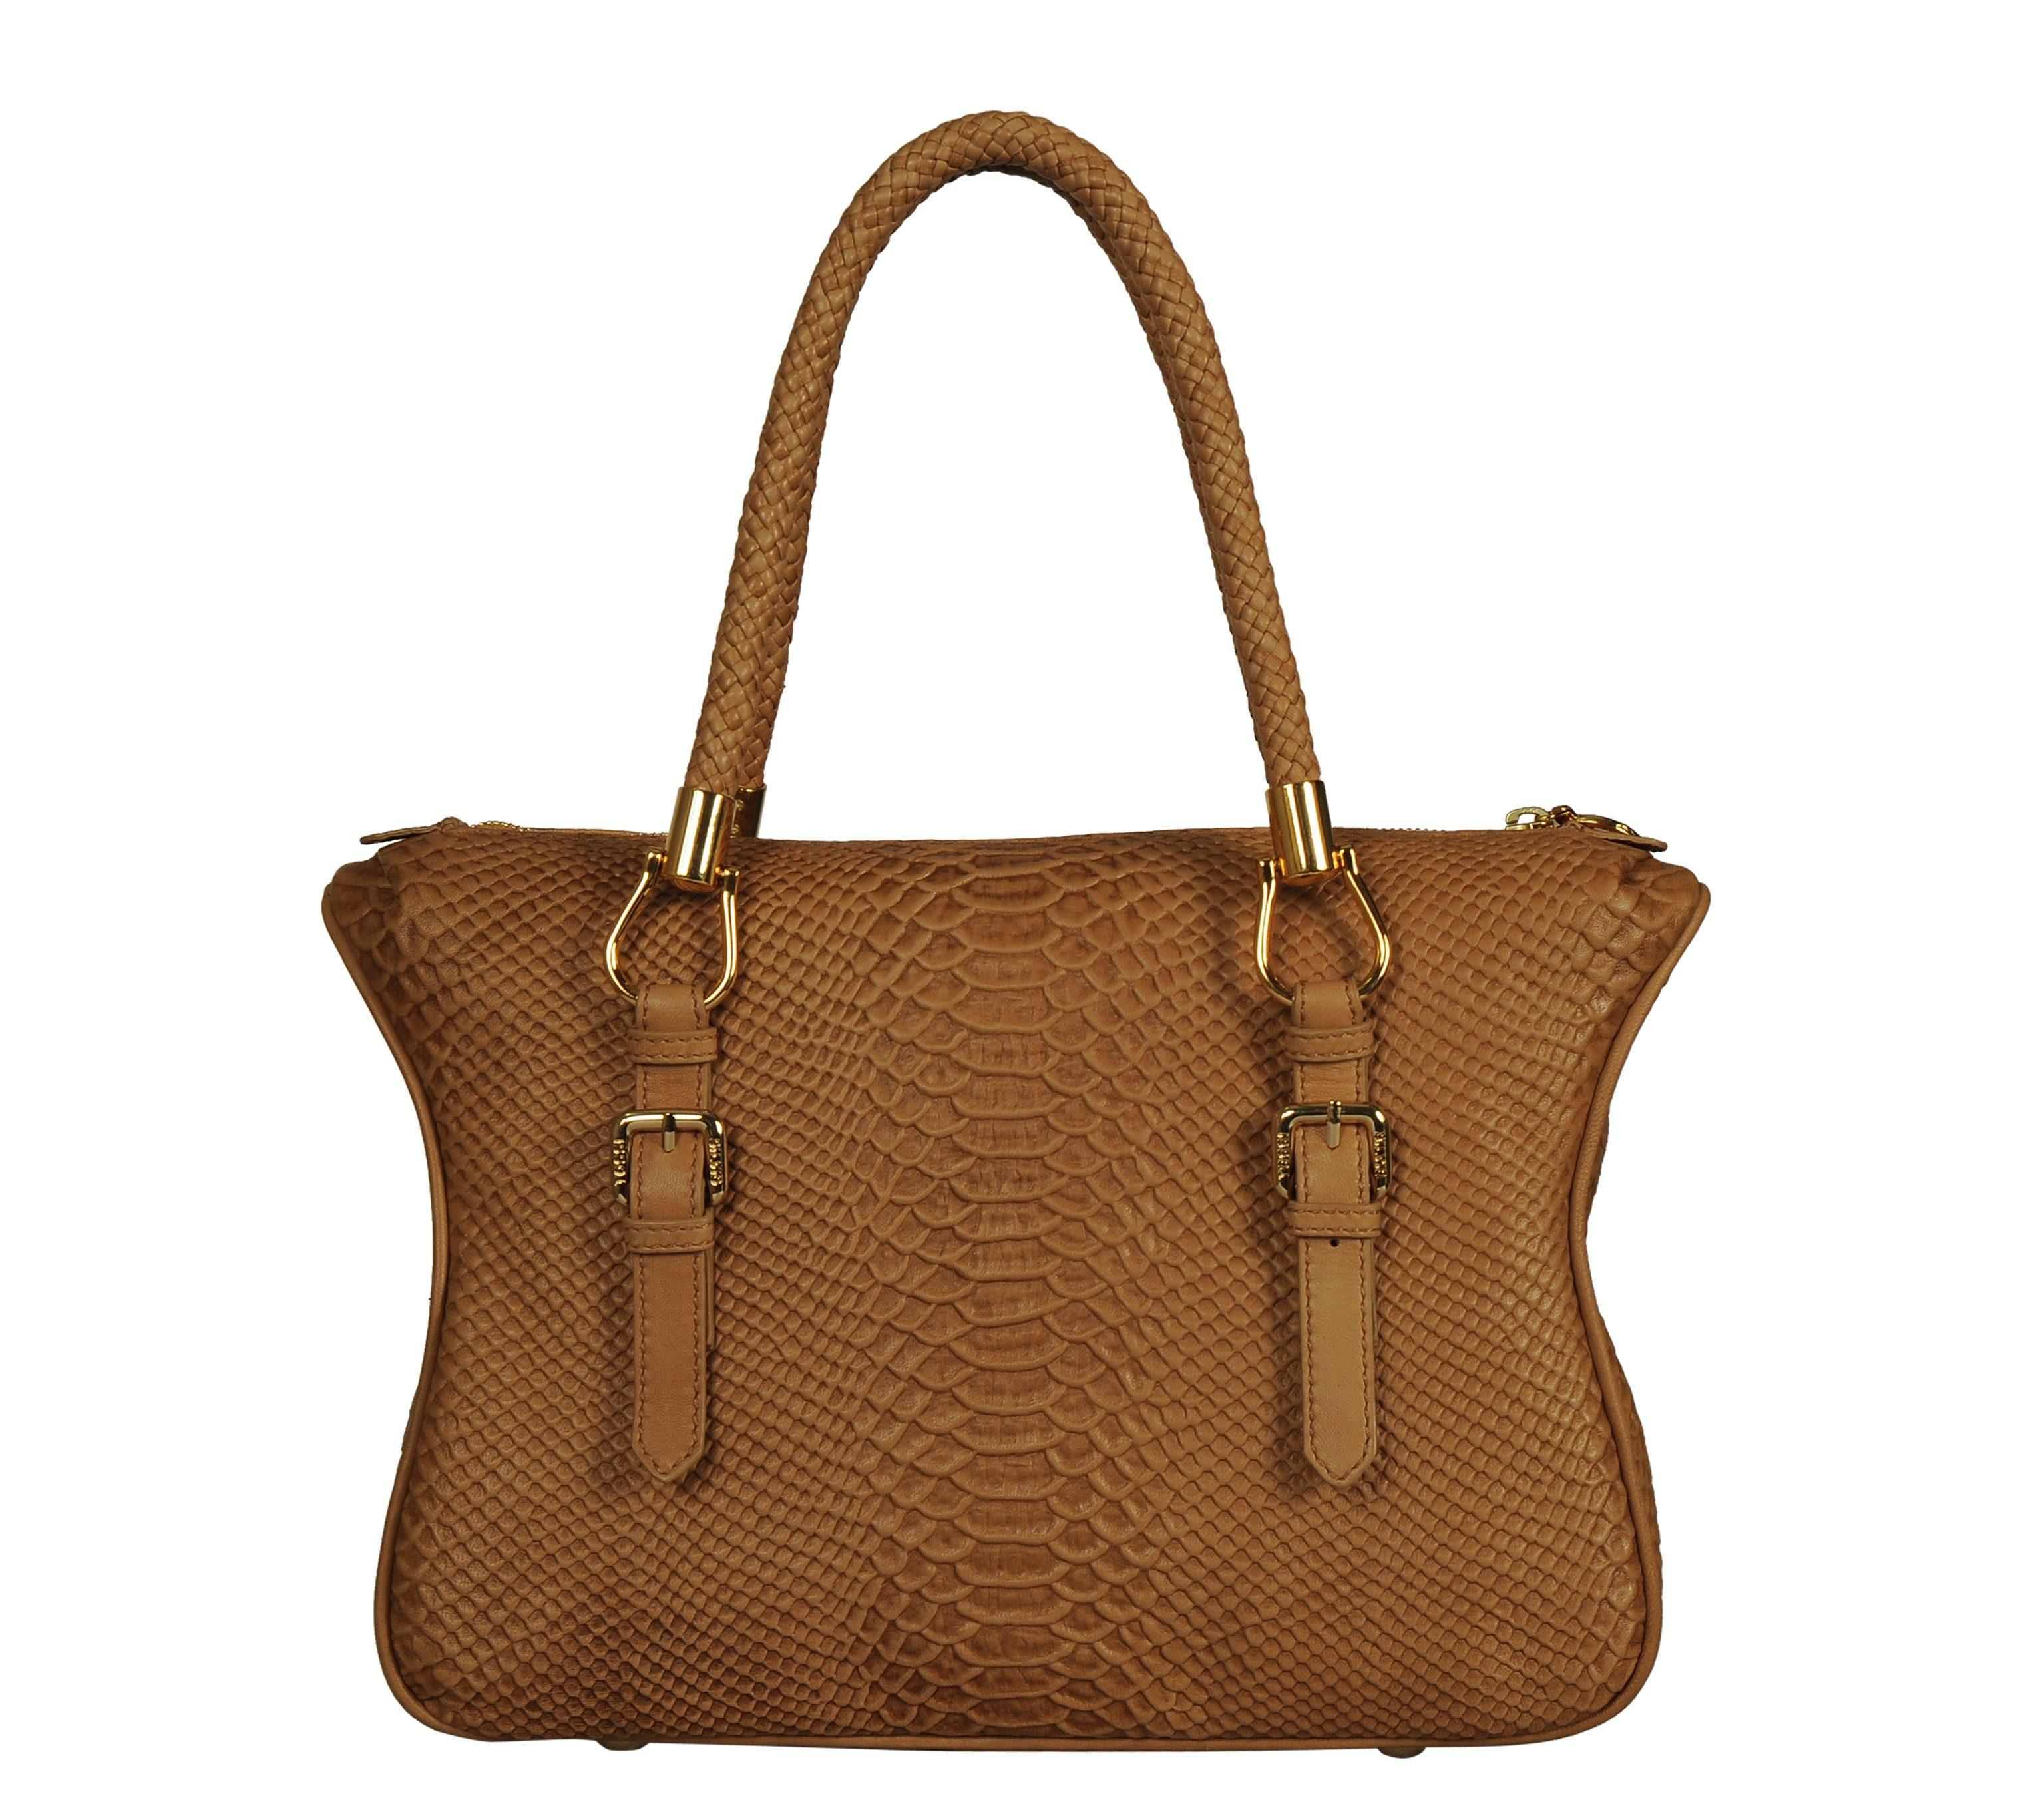 Kaufen Elegantem lxhxb Tossi Cm 092384p Silvio Design 33 11 Ledertasche nr In 25 X Größe Online Artikel twdx0q